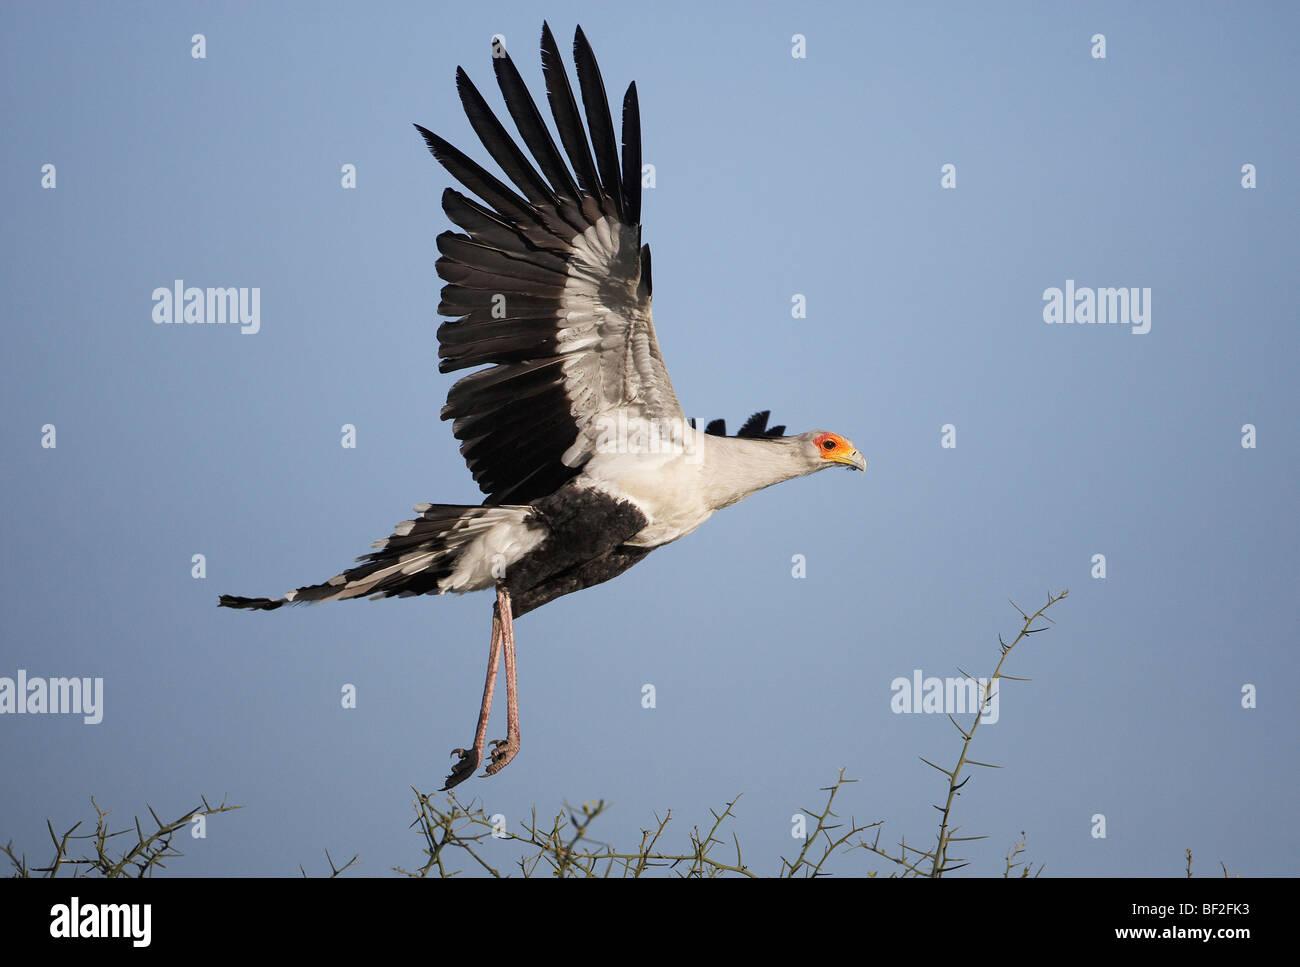 Segretario Bird (Sagittarius serpentarius), Adulto decollare da acacia. Immagini Stock